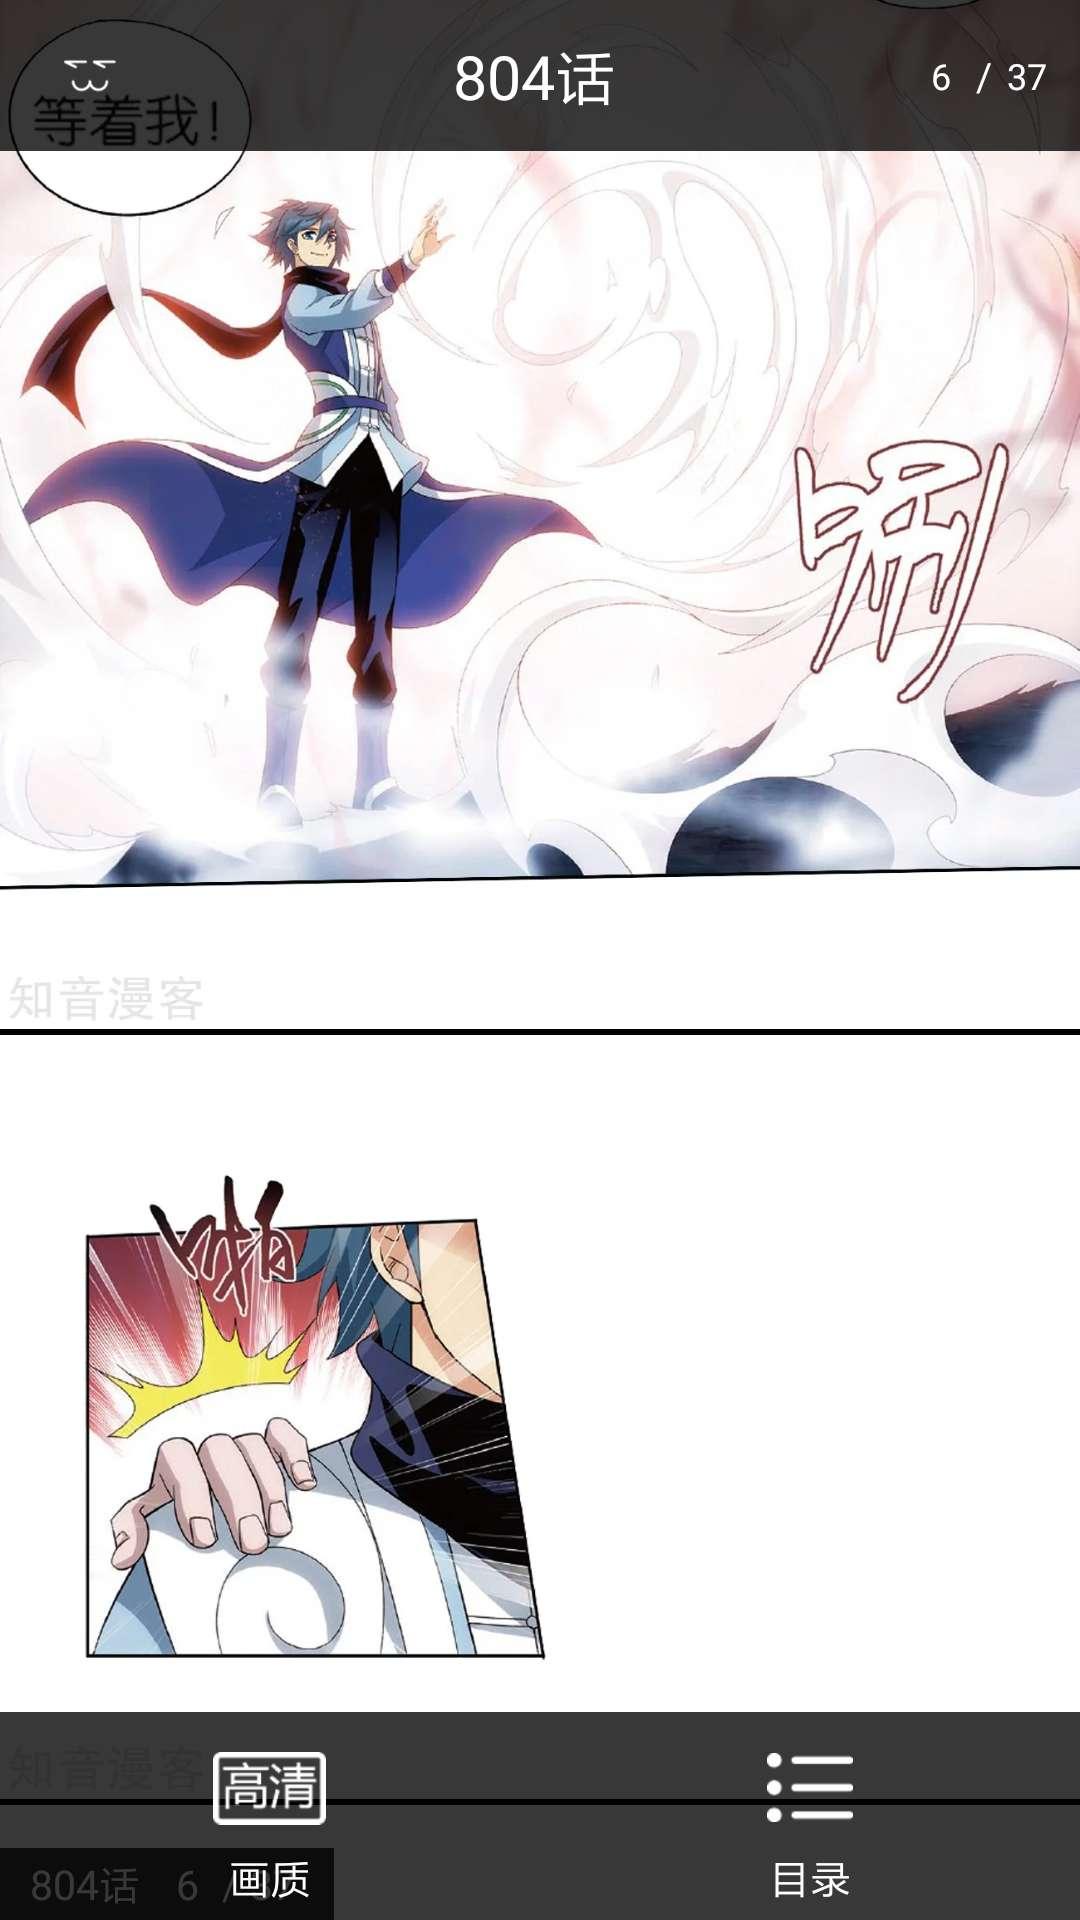 【分享】超萌漫画v99999——资源丰富-爱小助